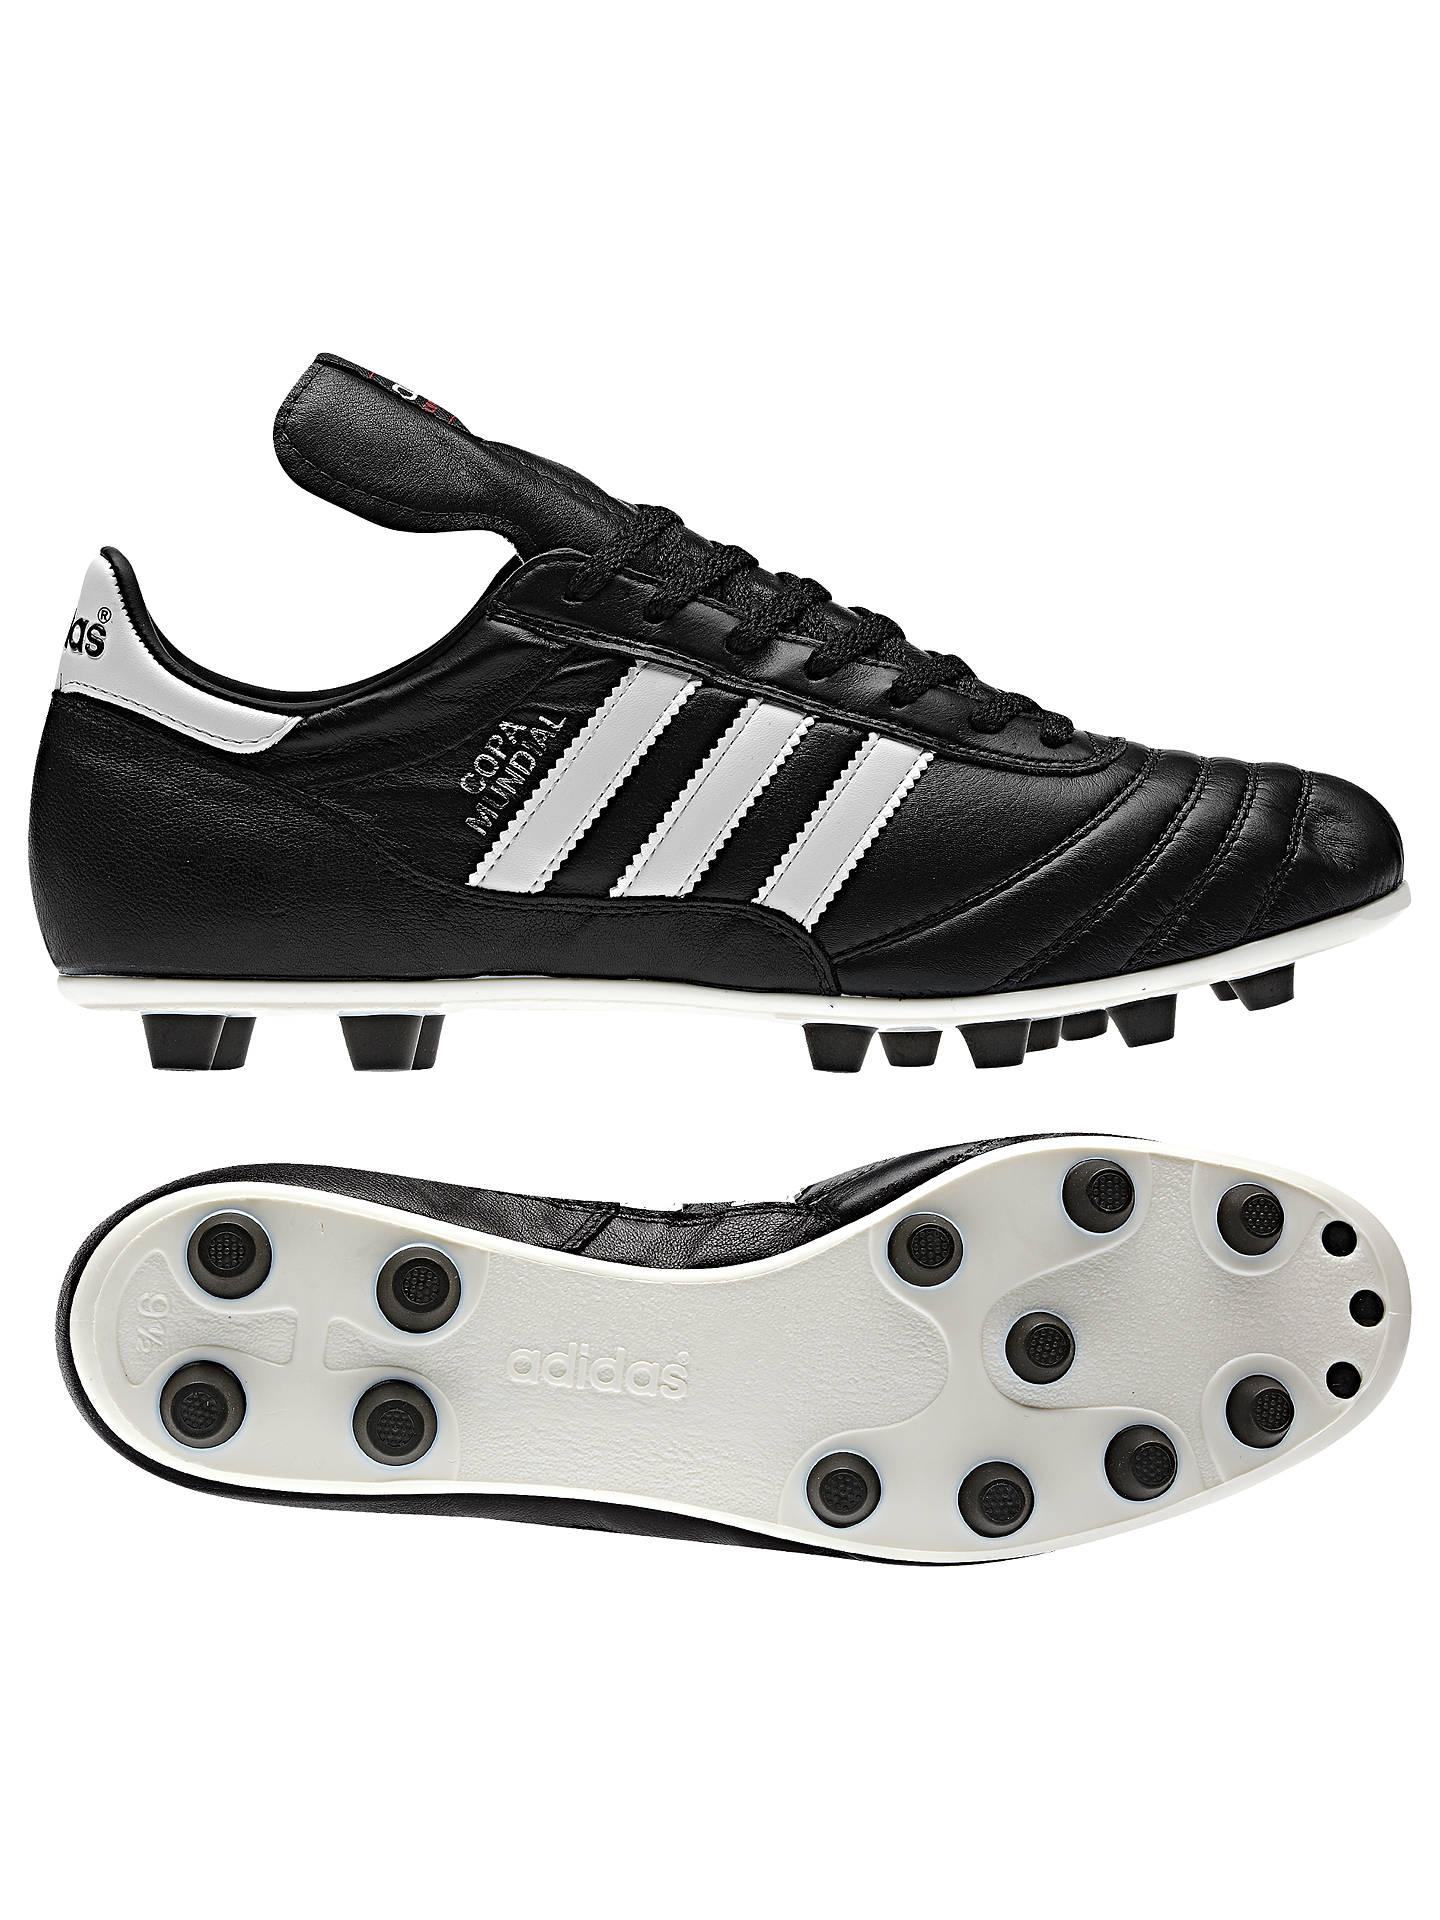 5e01f54c0d8 spain adidas copa mundial cleats black vote cfa4d 2c9ff